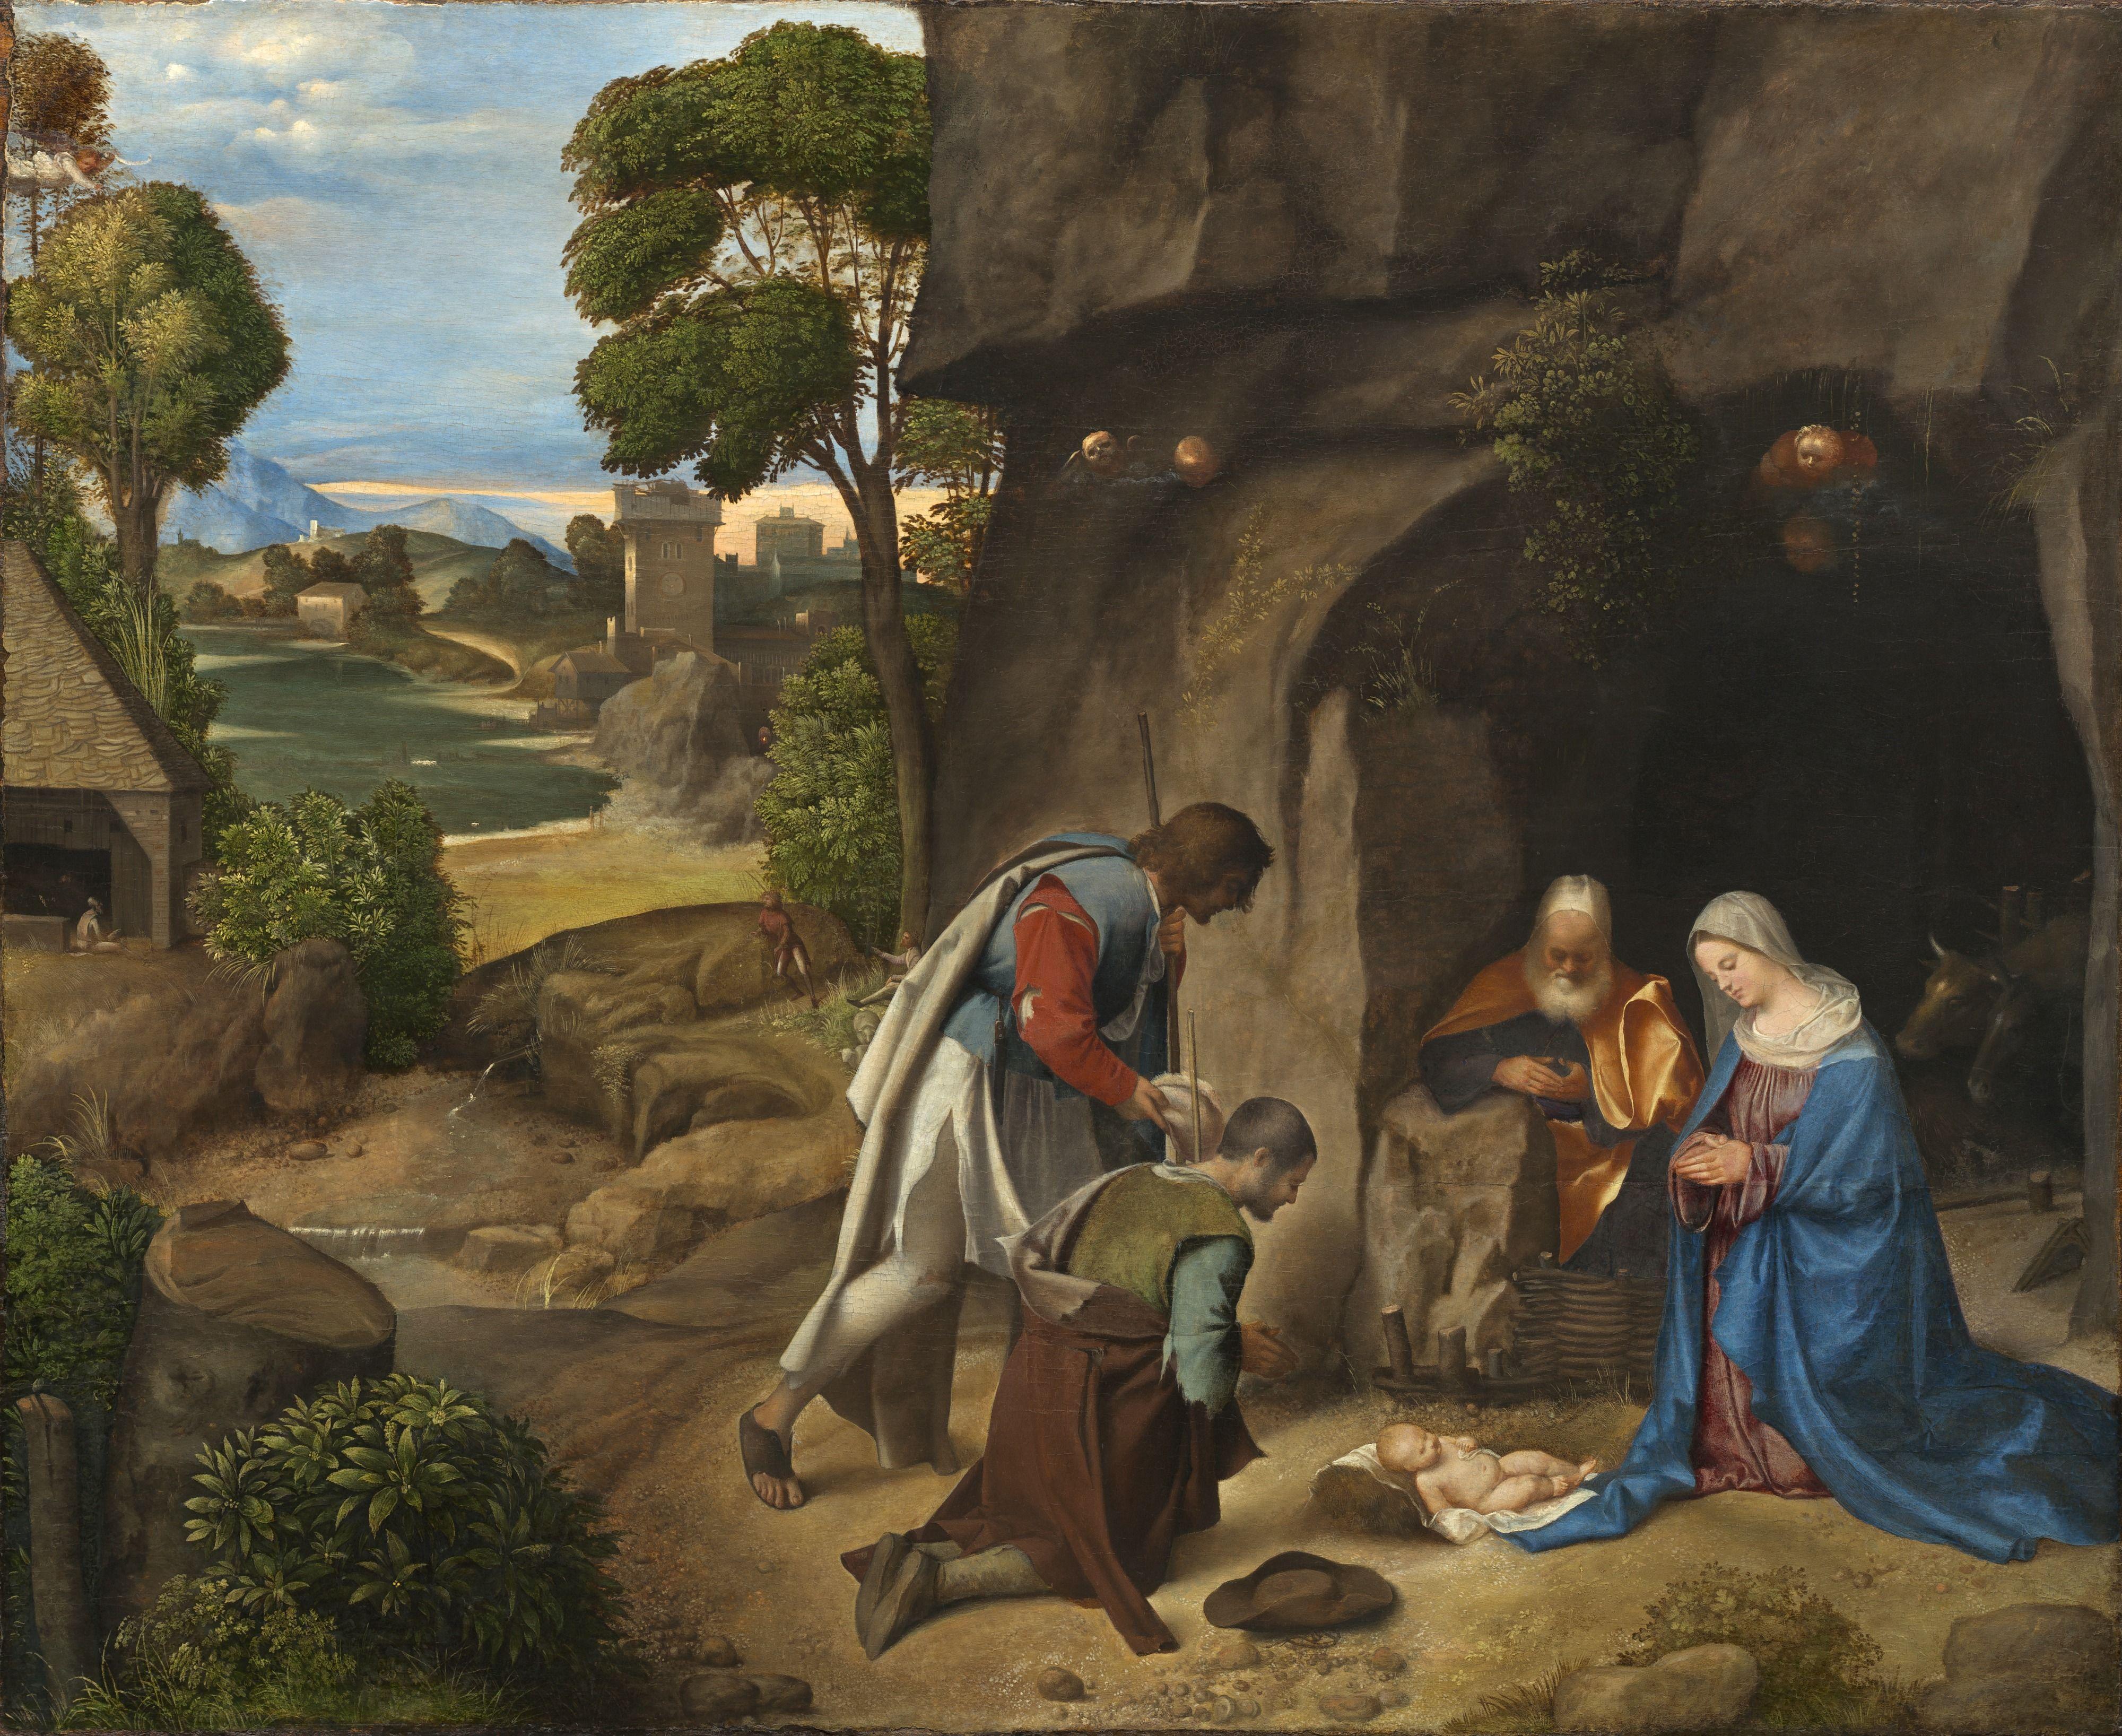 Giorgione, Adorazione dei pastori, ca 1500-1505. Olio su tavola. Washington, National Gallery.